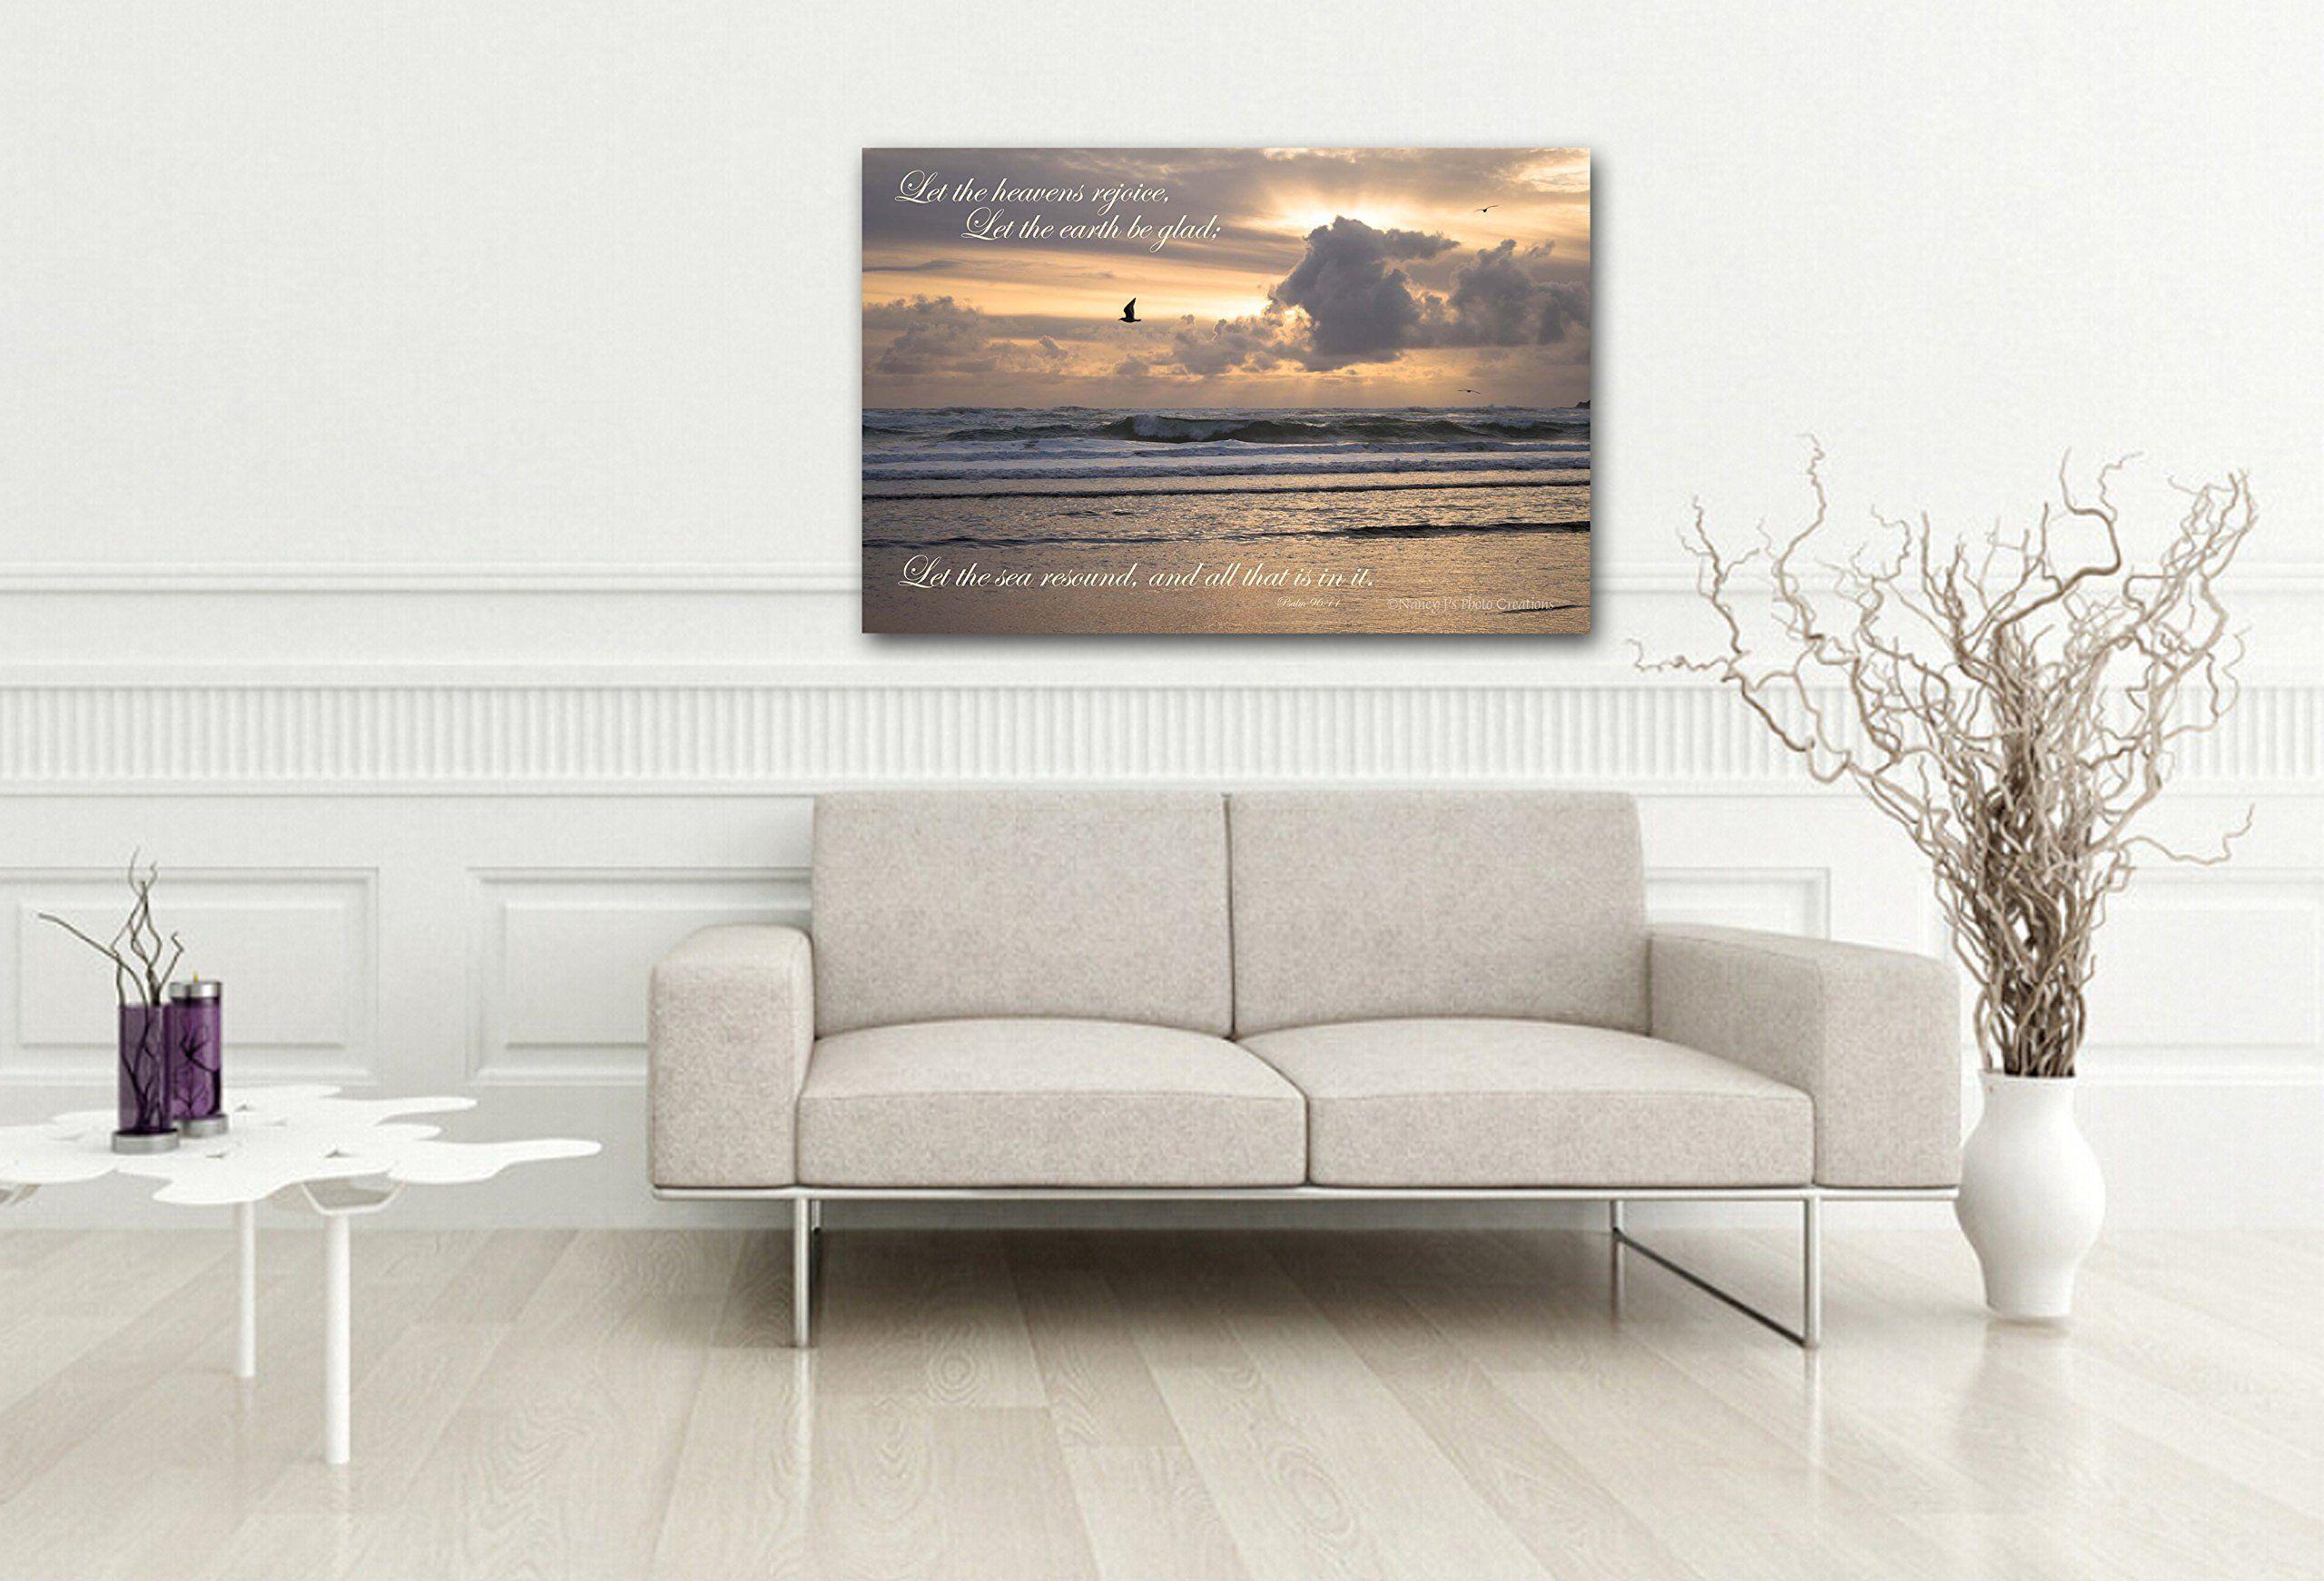 Ocean photography on canvas unframed christian wall art peach blue